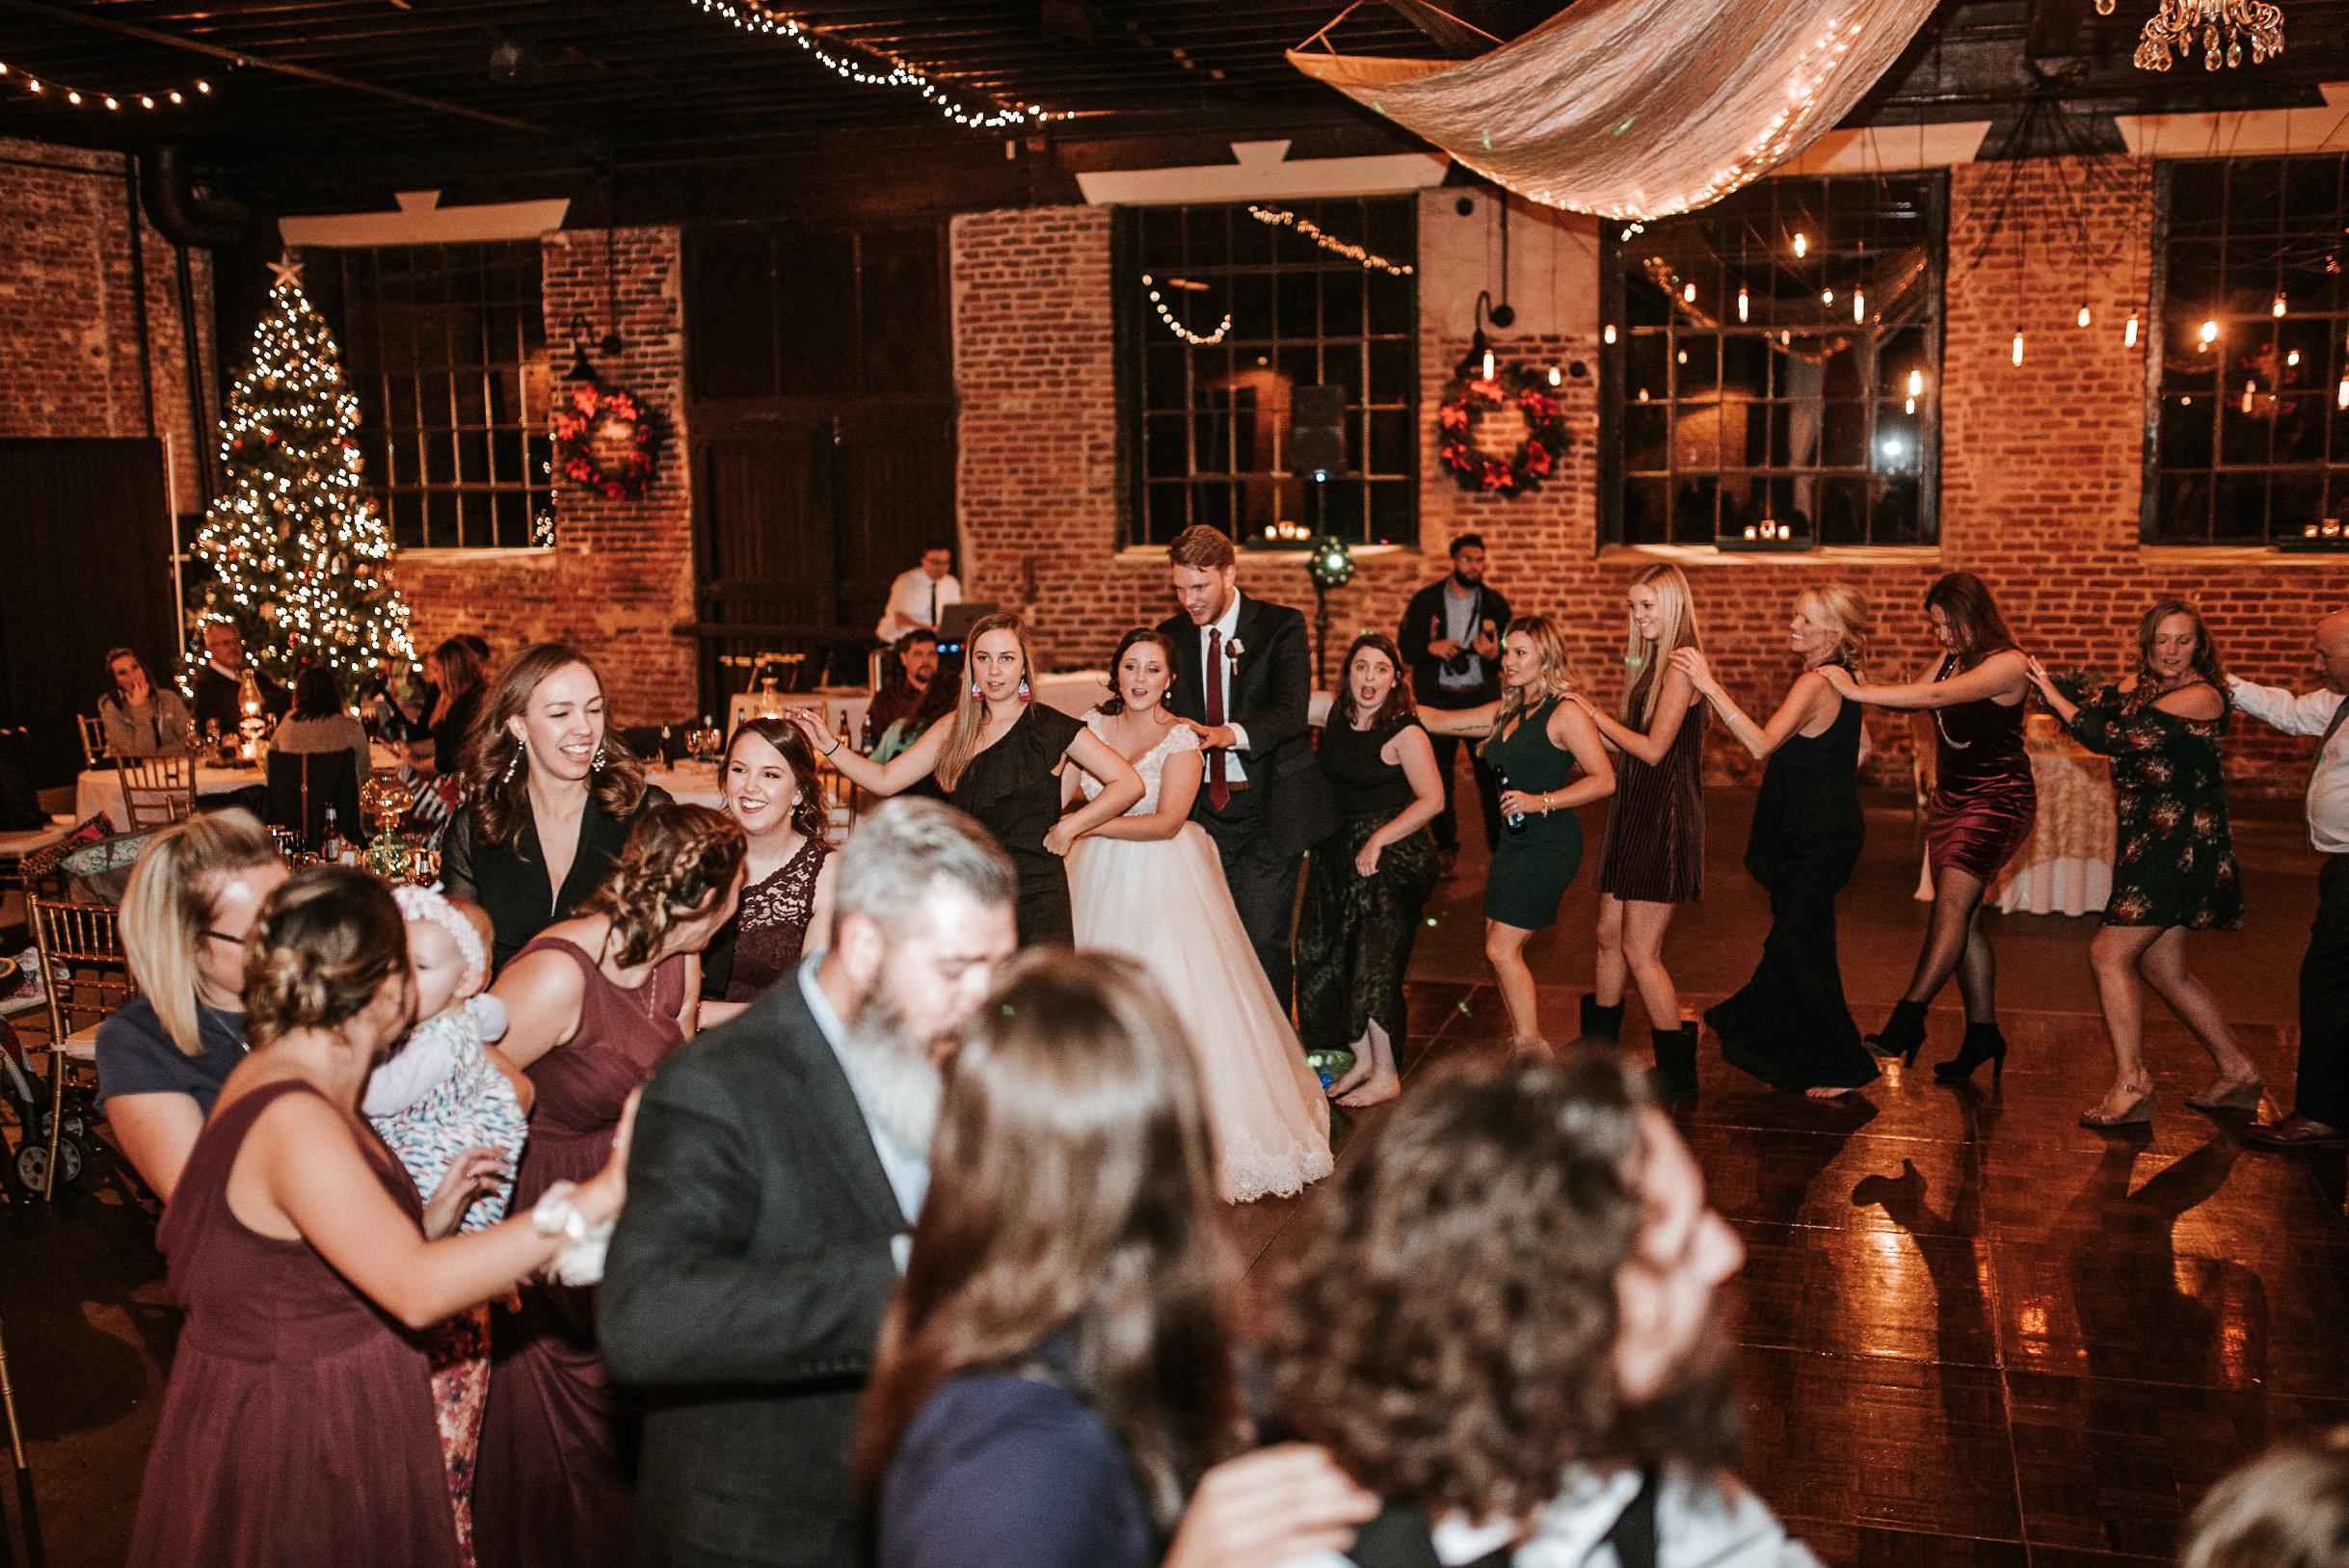 Bride, groom and guests dancing in line